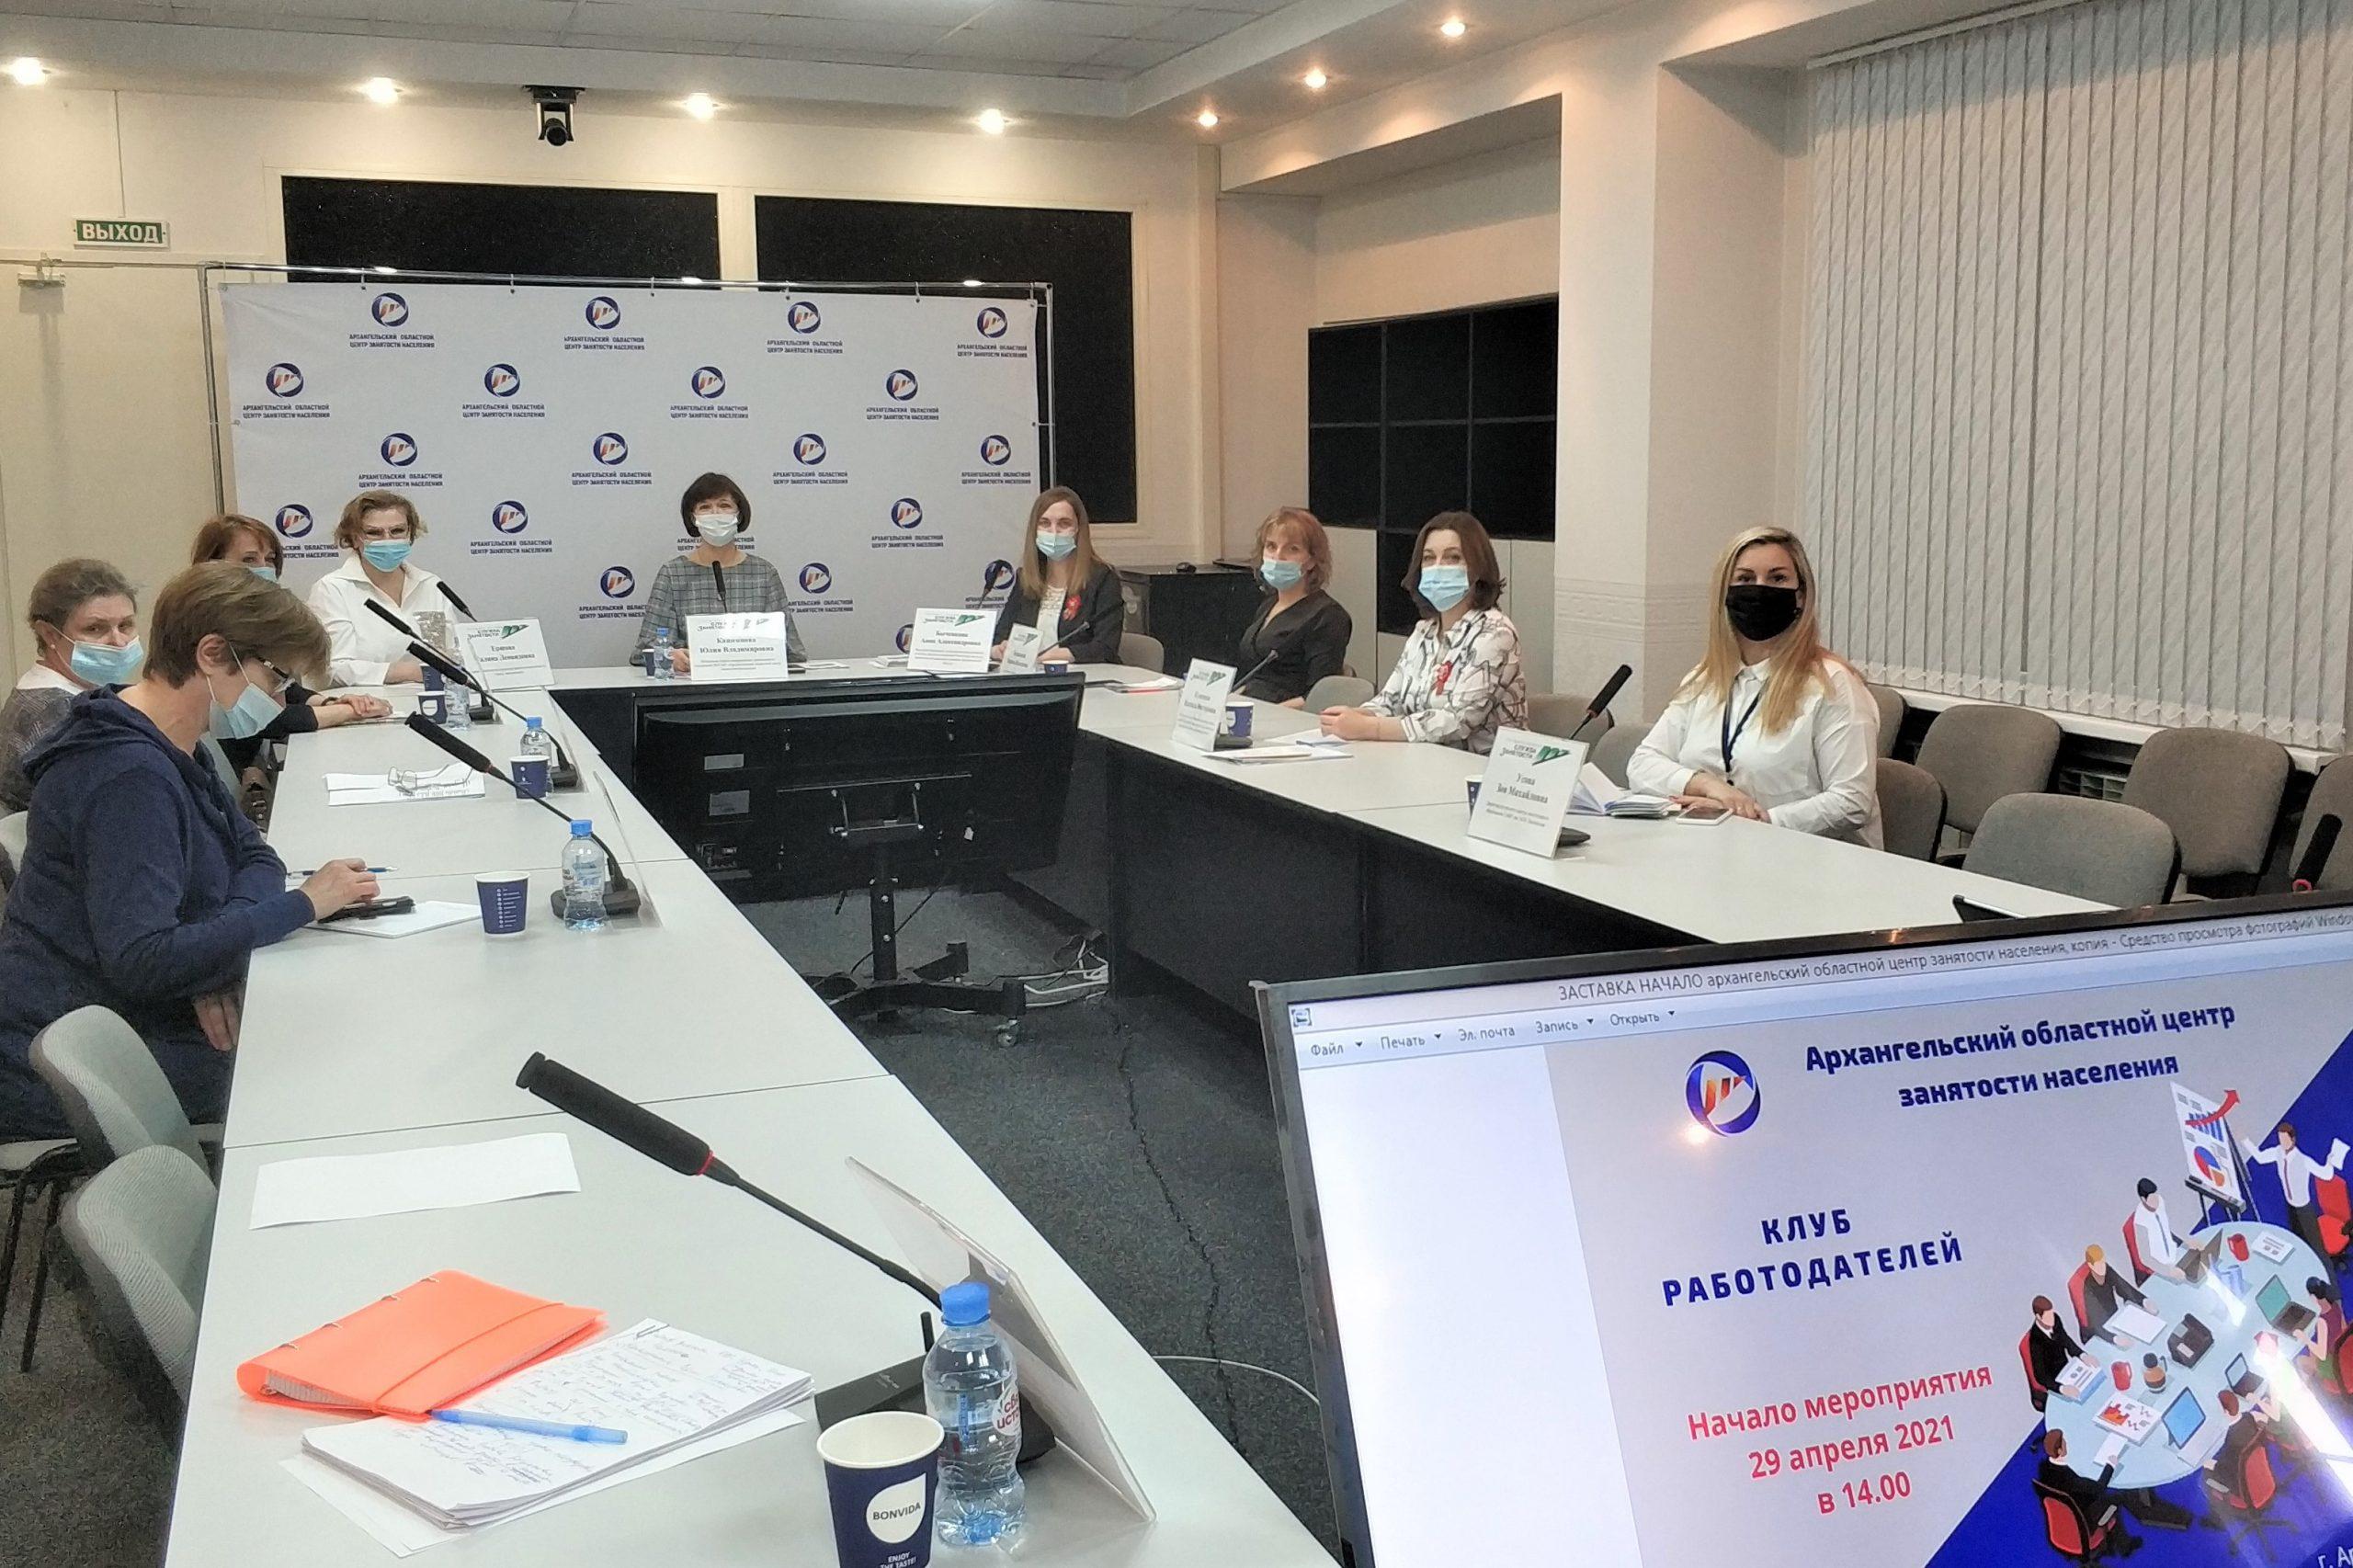 Содействие в трудоустройстве  граждан с инвалидностью обсудили на заседании Клуба работодателей